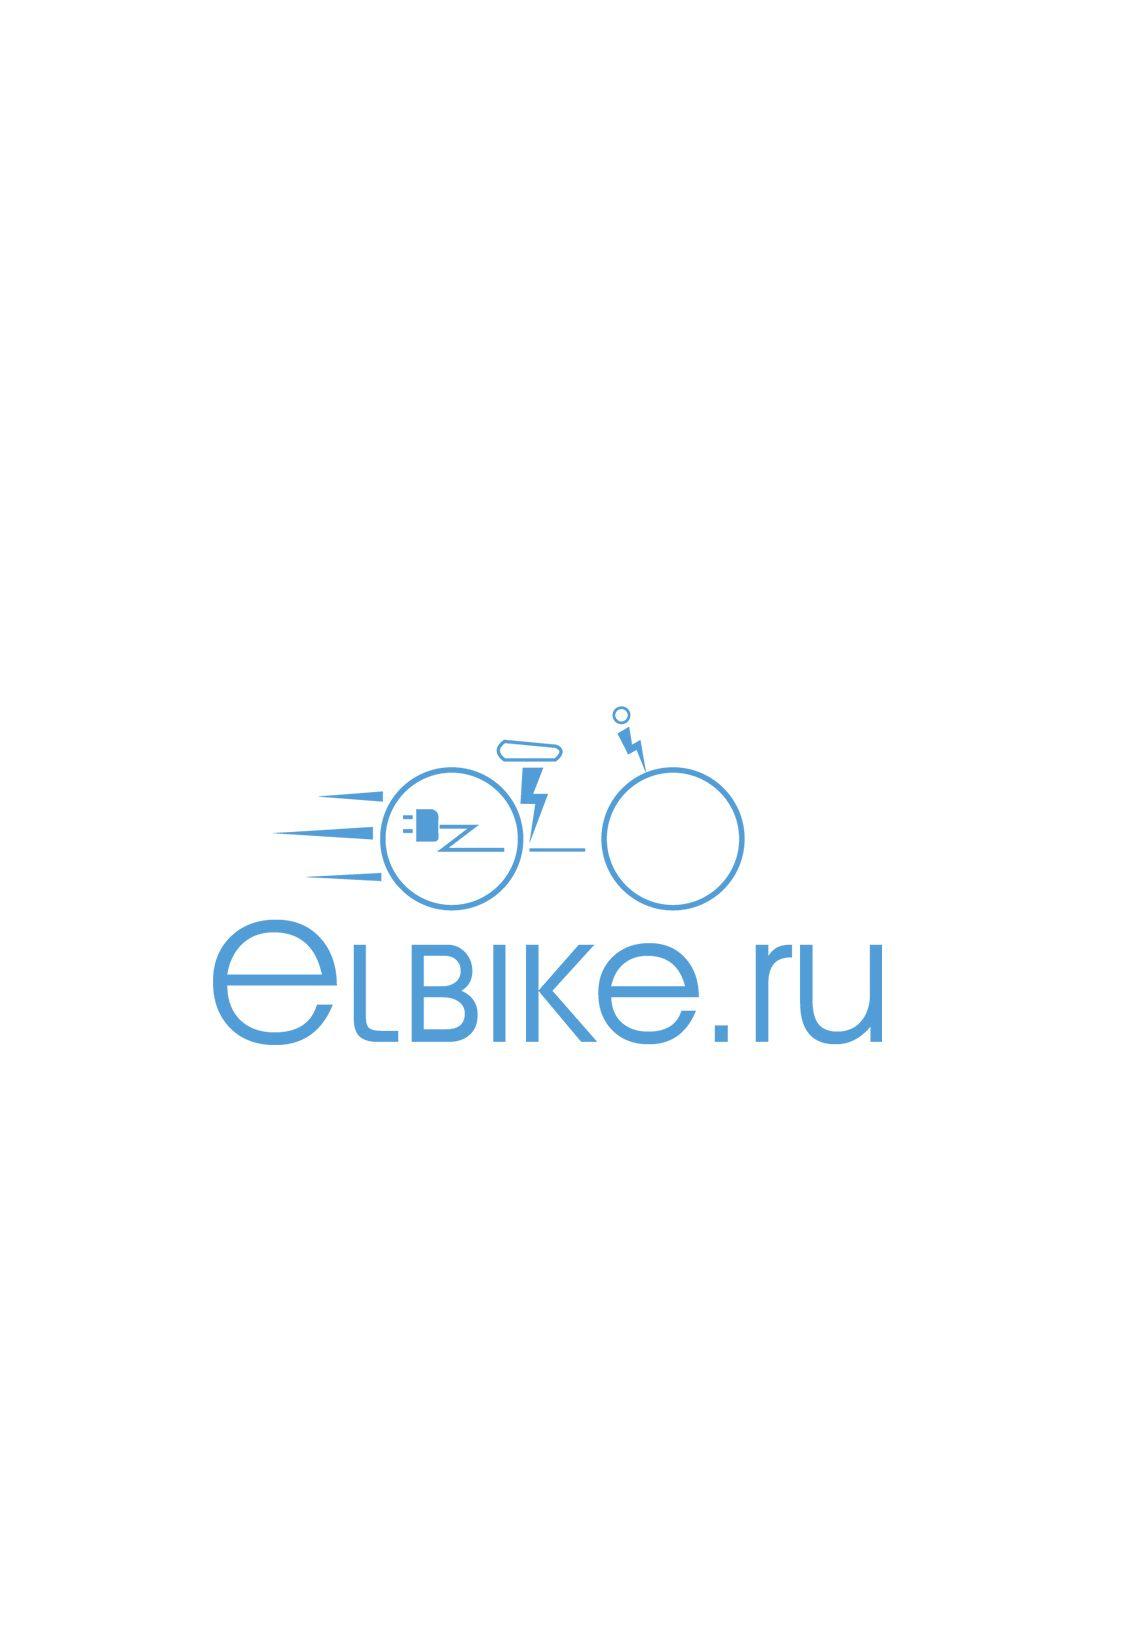 Фирменный стиль для Elbike.ru - дизайнер SmolinDenis